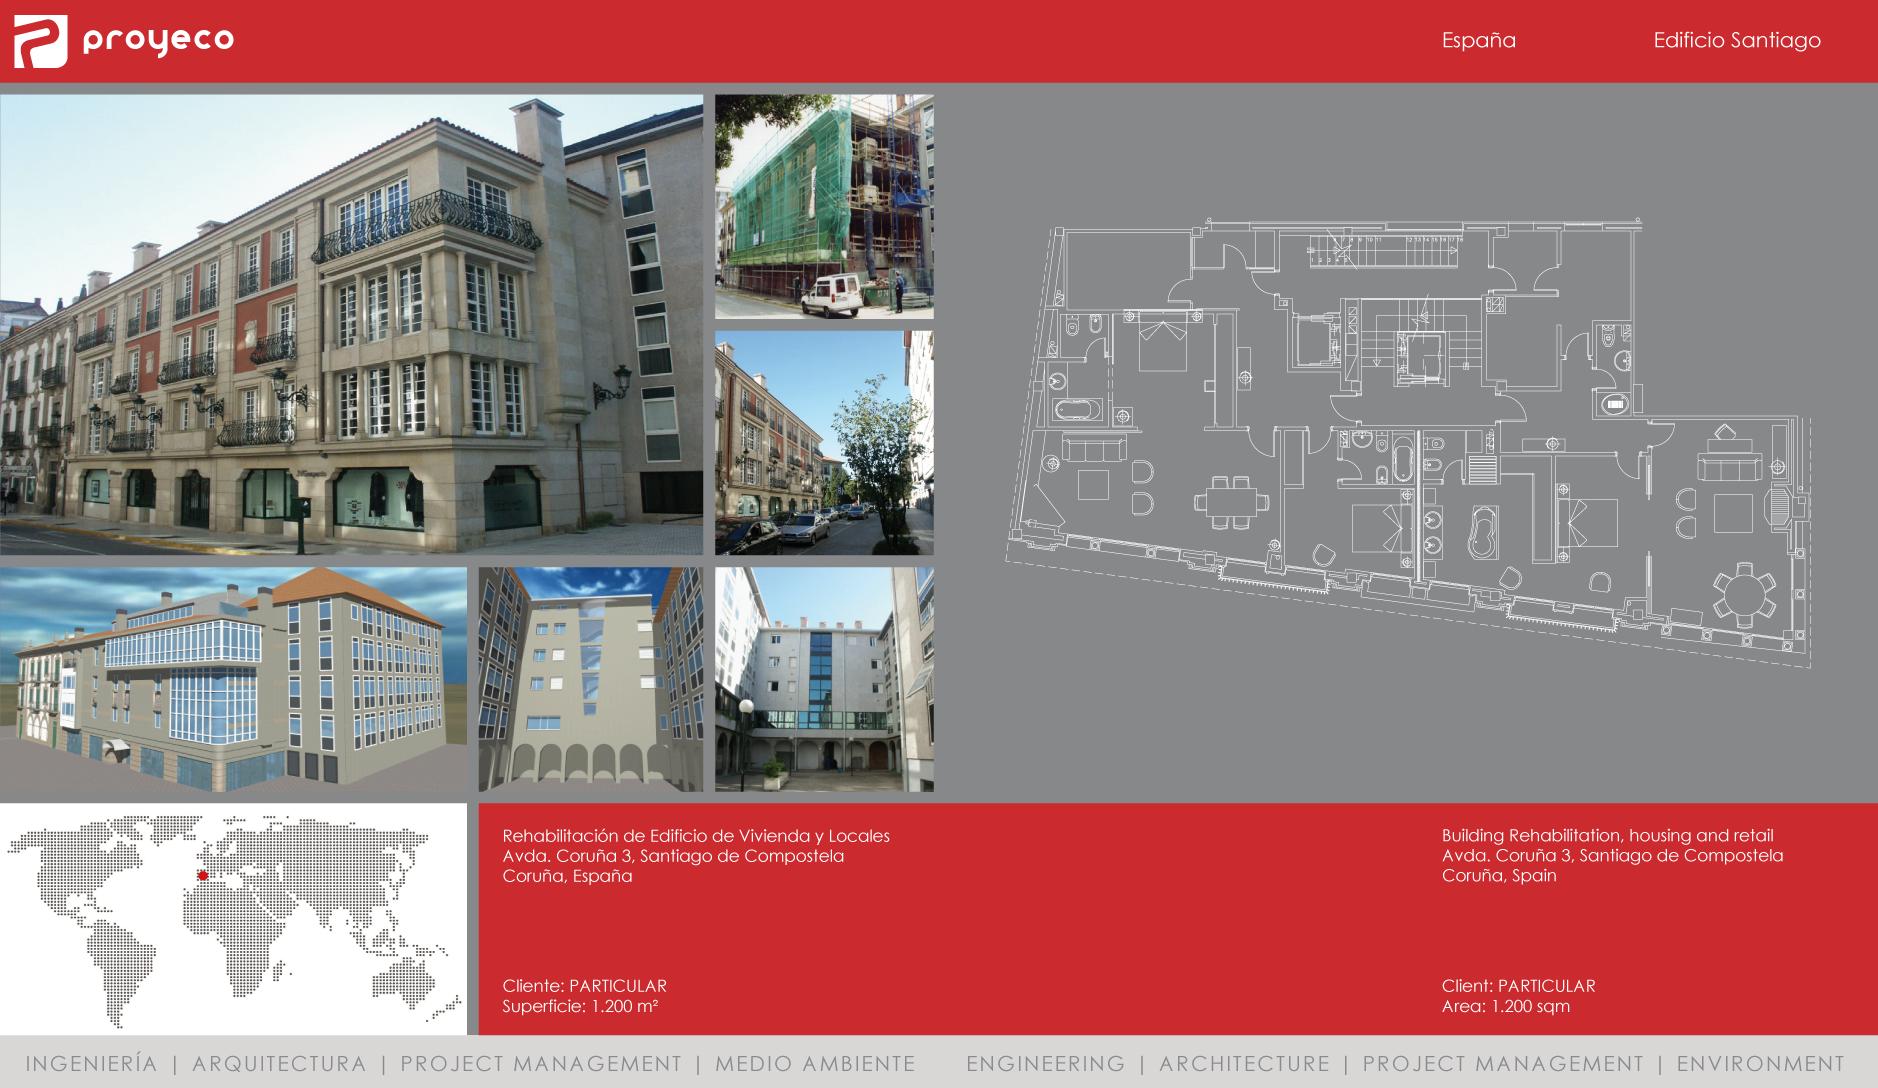 152_Edificio-Santiago